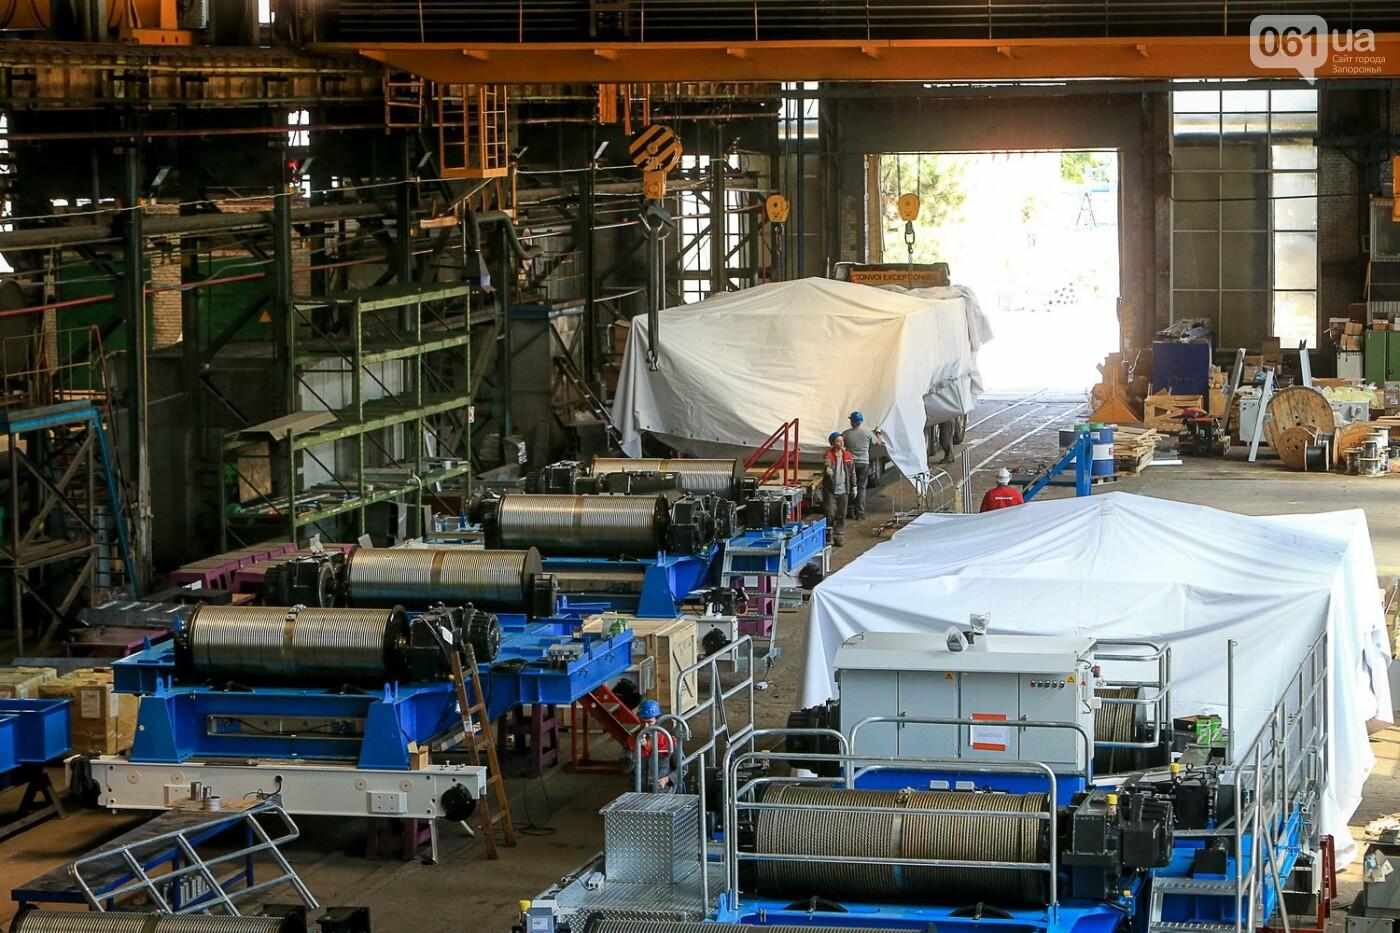 Как в Запорожье работает крупнейший в Европе завод по производству кранов: экскурсия на производство, — ФОТОРЕПОРТАЖ, фото-60